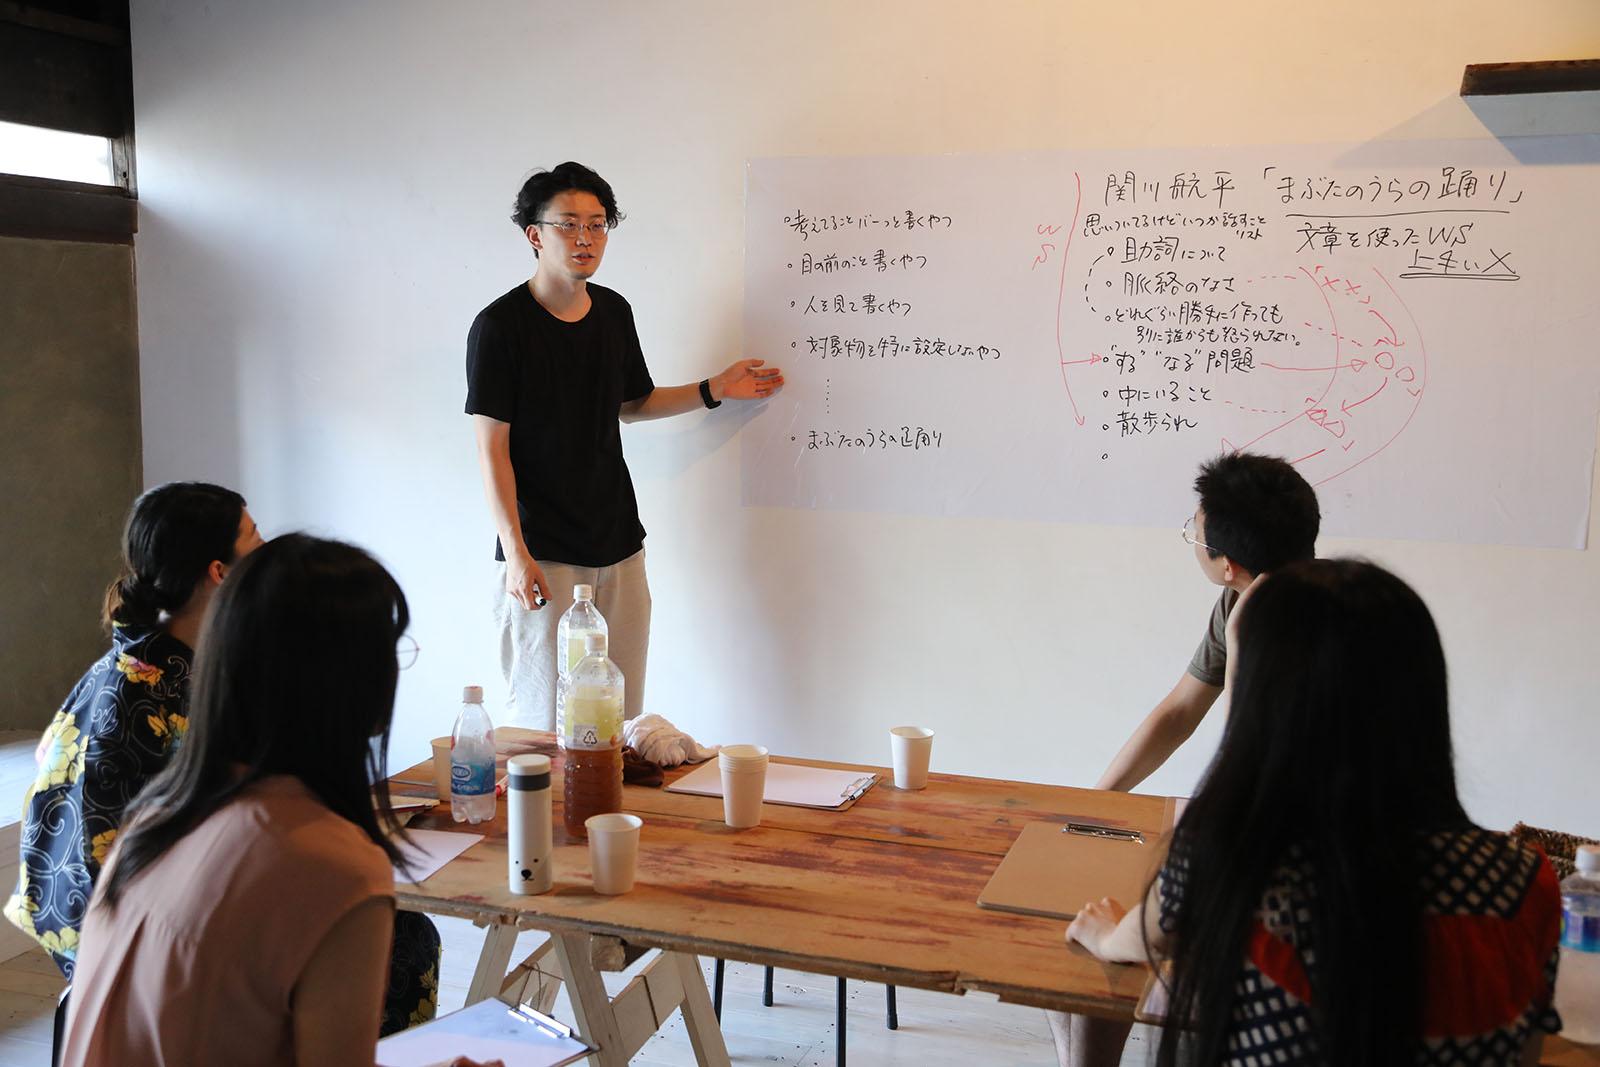 墨田区を舞台に、アート通じた「対話」を生み出すプロジェクト